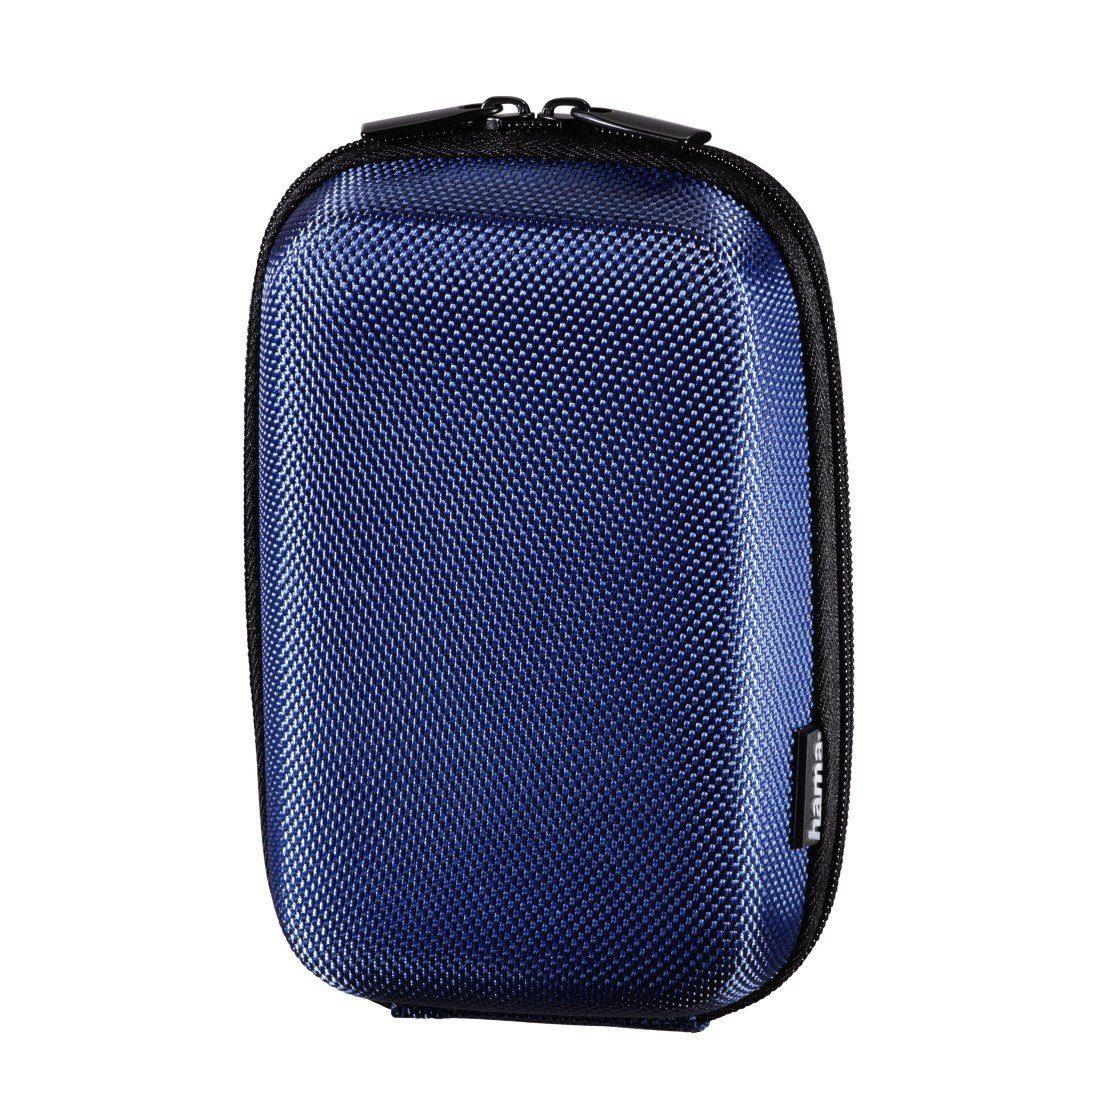 Hama Kameratasche Hardcase Tasche für Kamera und Digitalkamera »Innenmaße 7,5 x 4,5 x 12,5 cm«